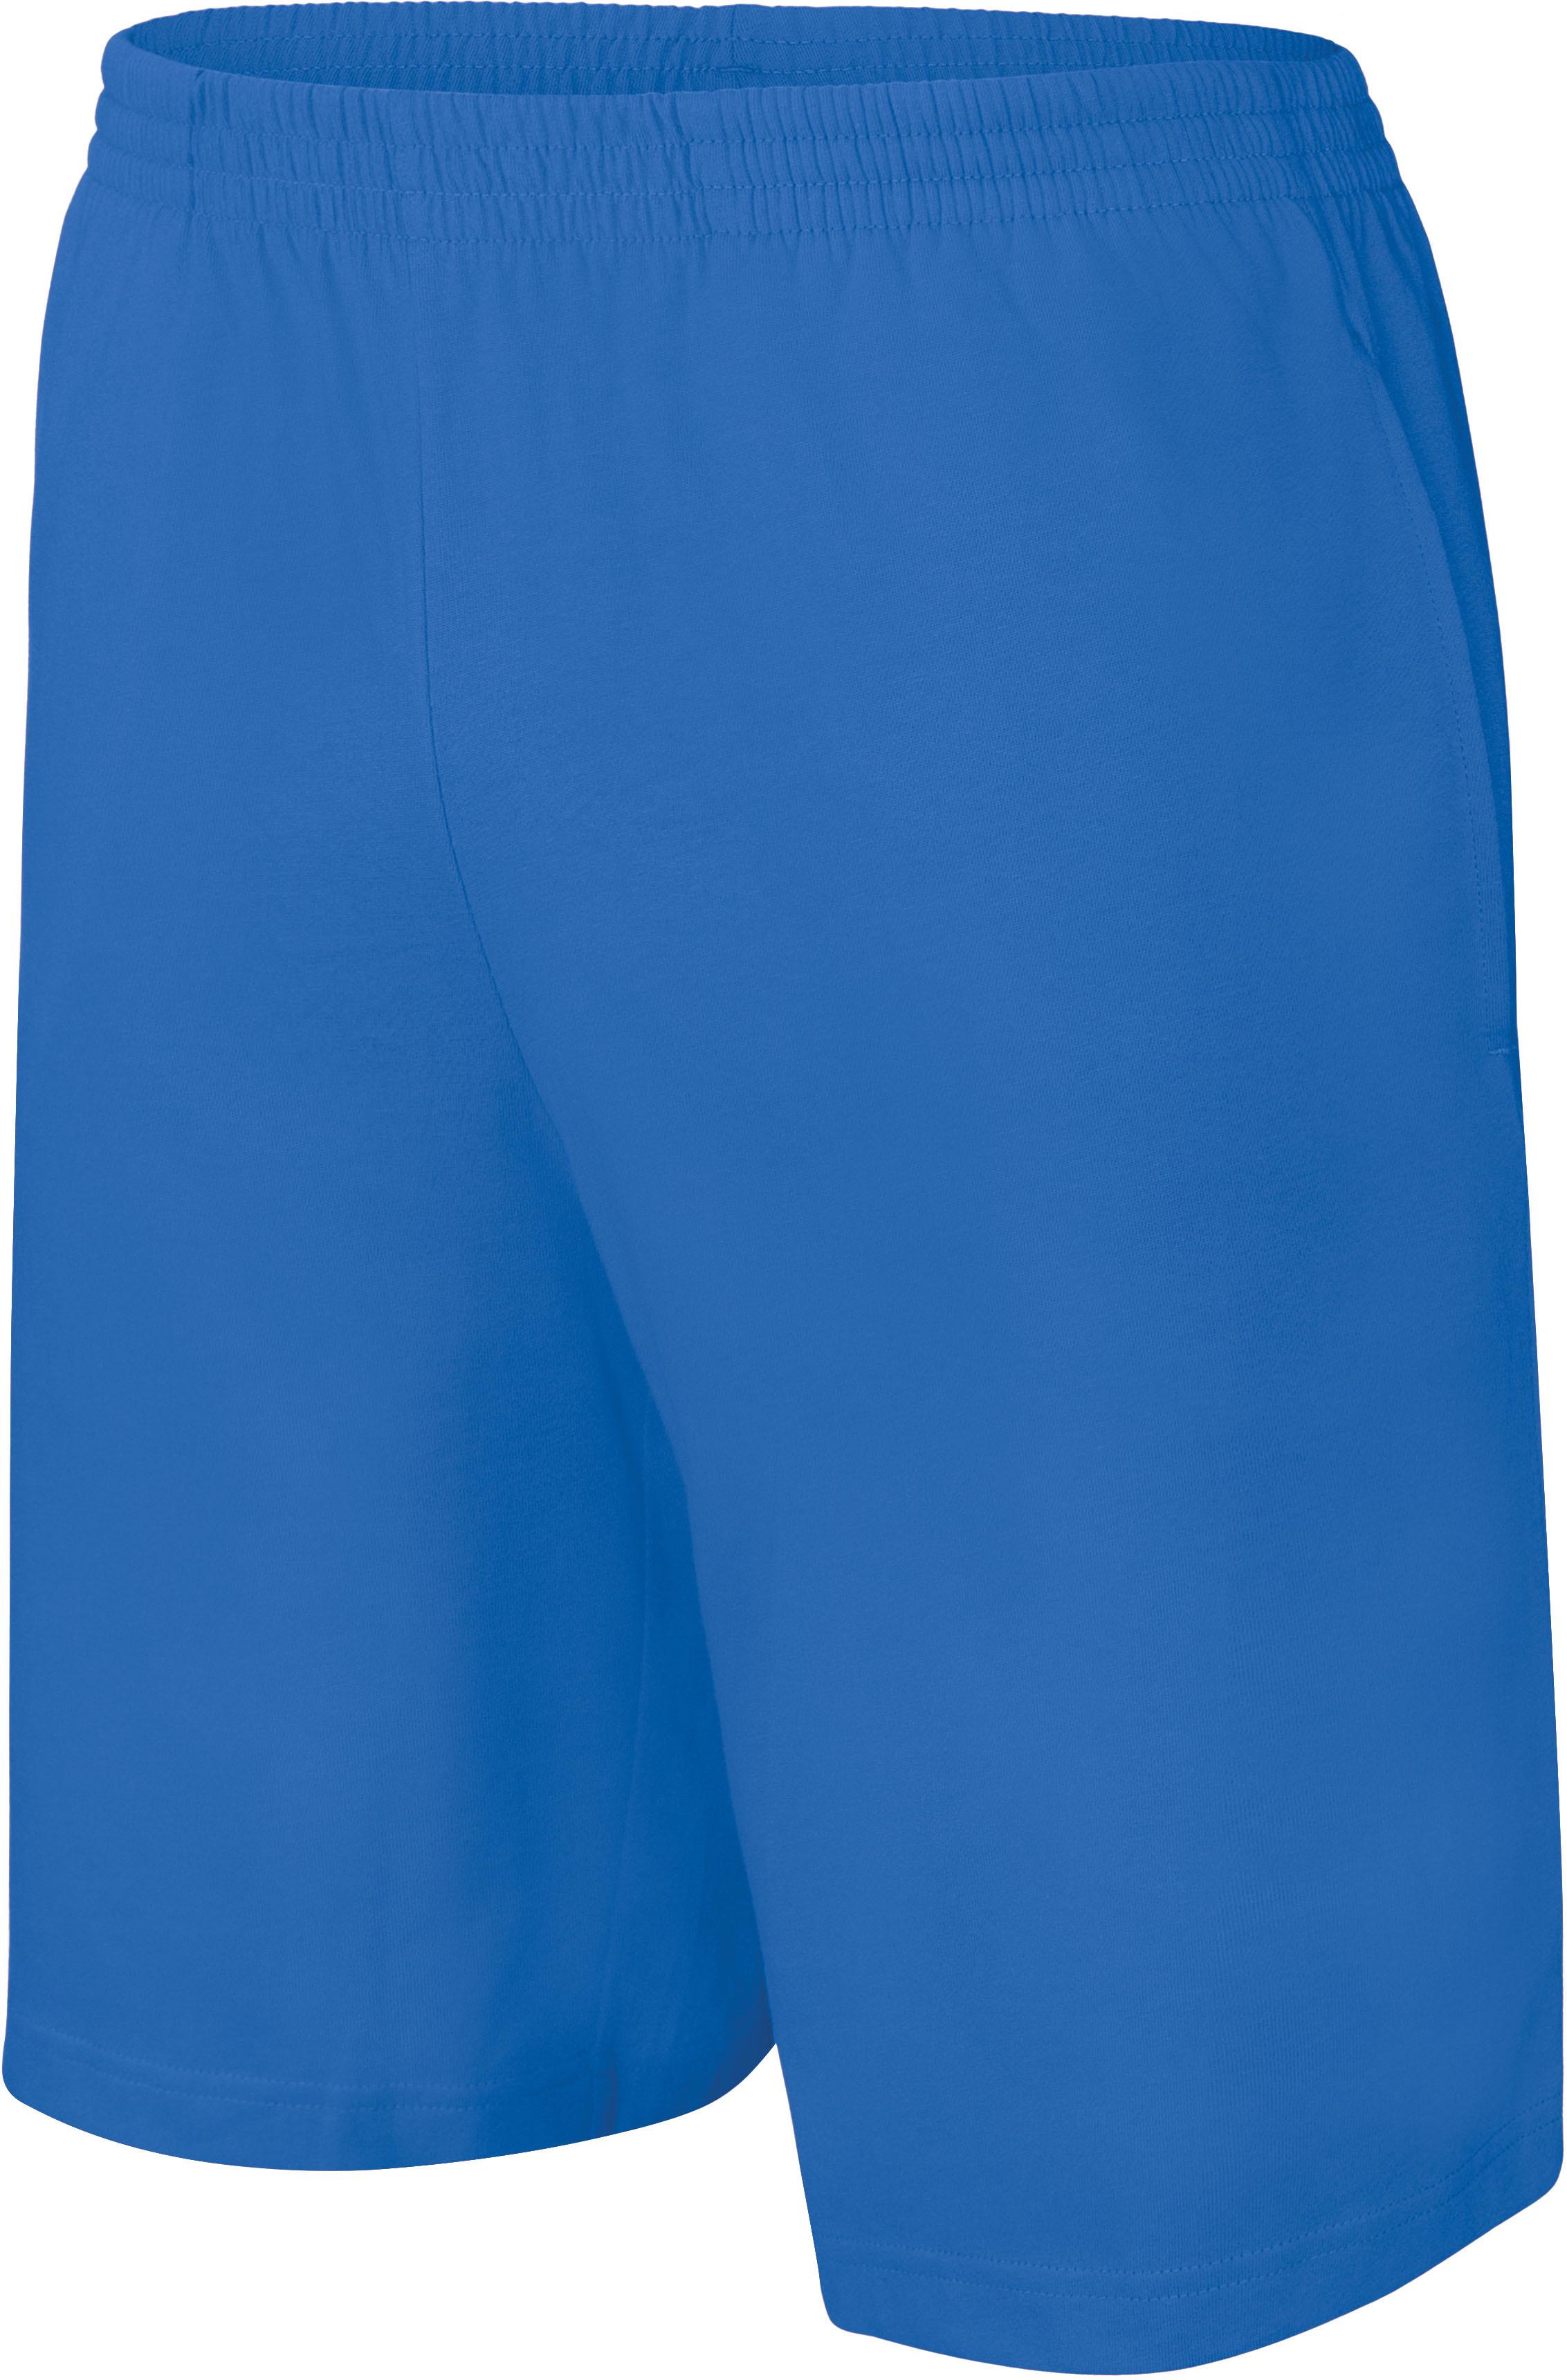 Short jersey sport - 2-1436-10